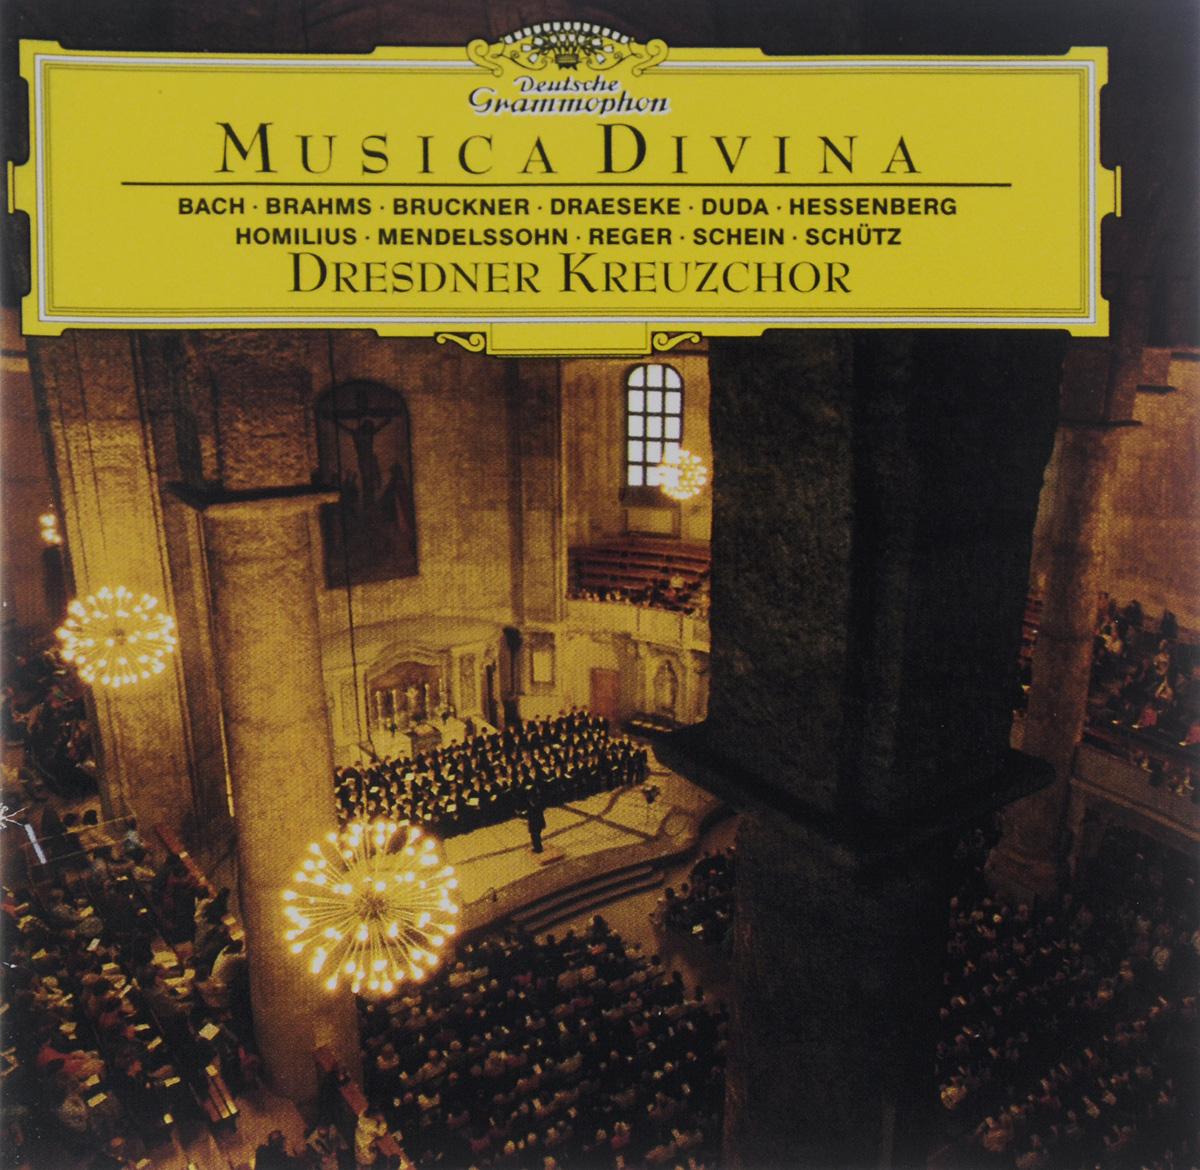 Dresdner Kreuzchor. Musica Divina